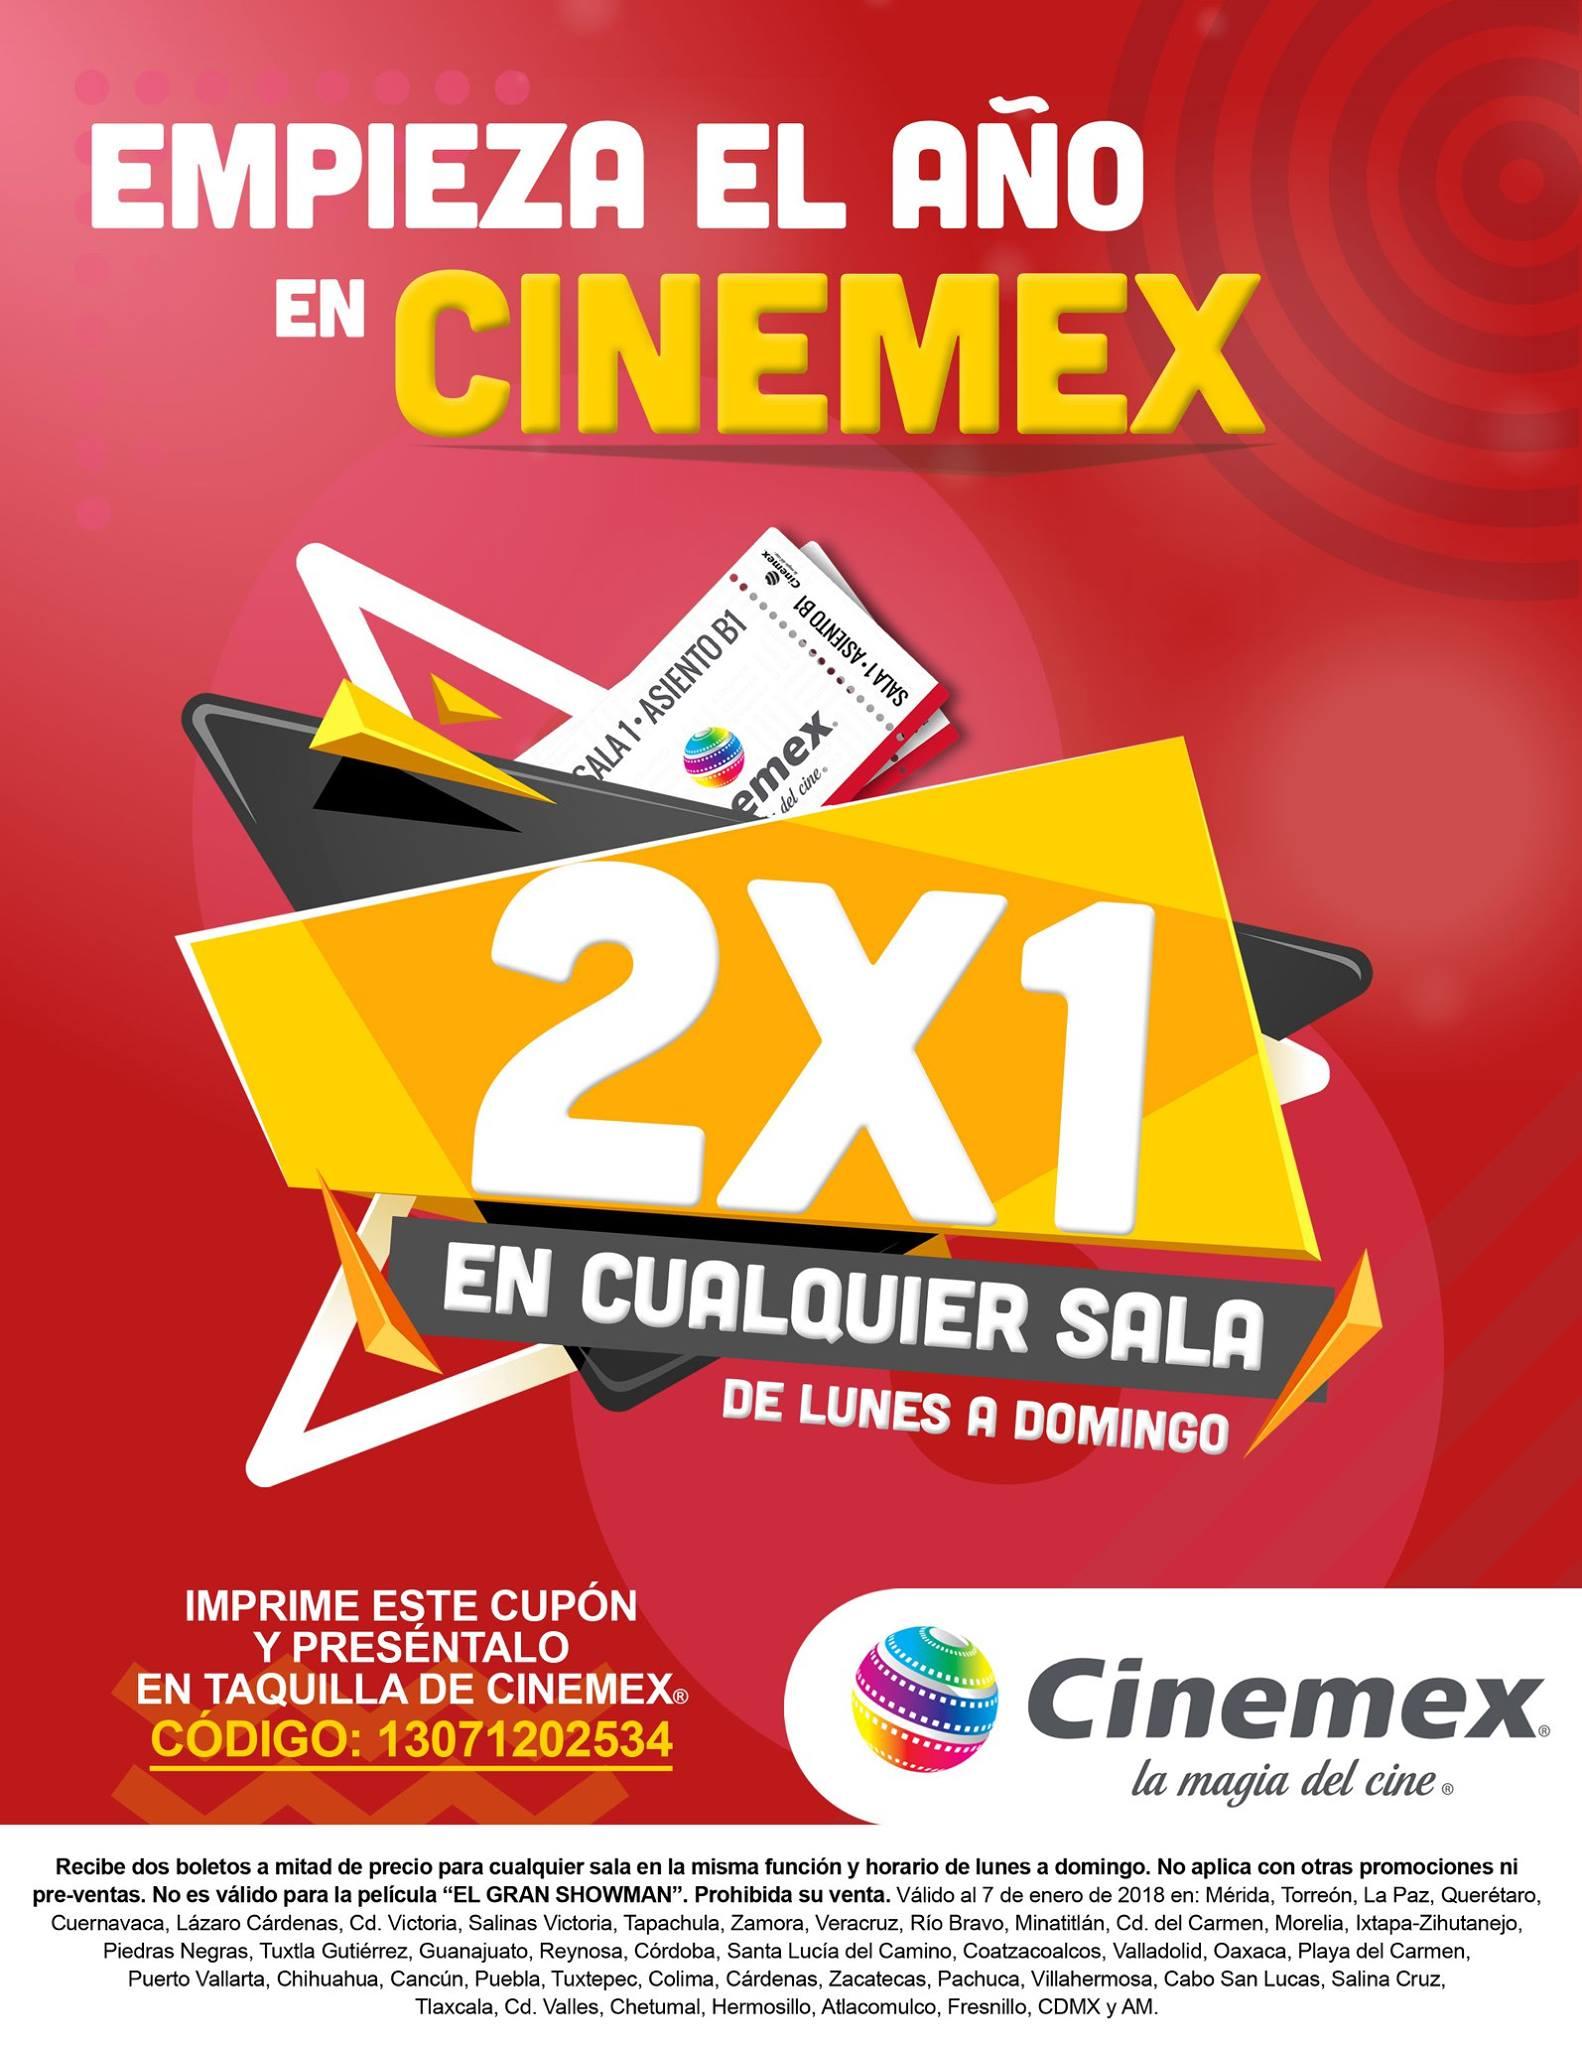 Cinemex: 2x1 en cualquier sala, de lunes a domingo al presentar cupón